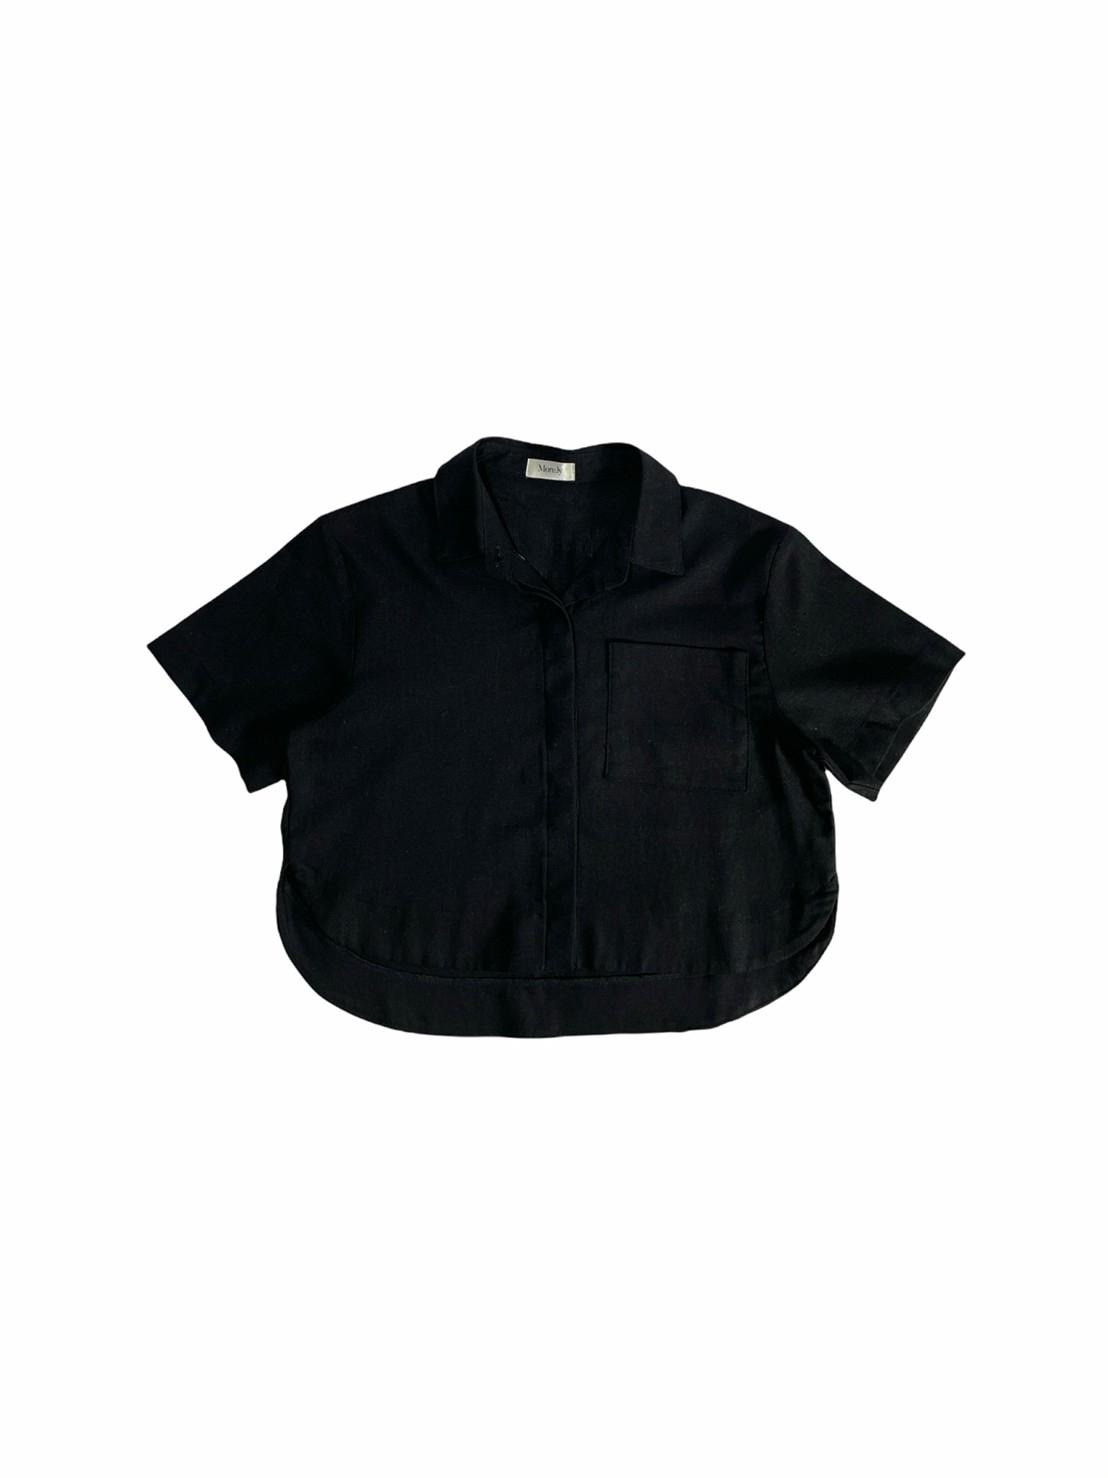 Ivy Shirt (Black)